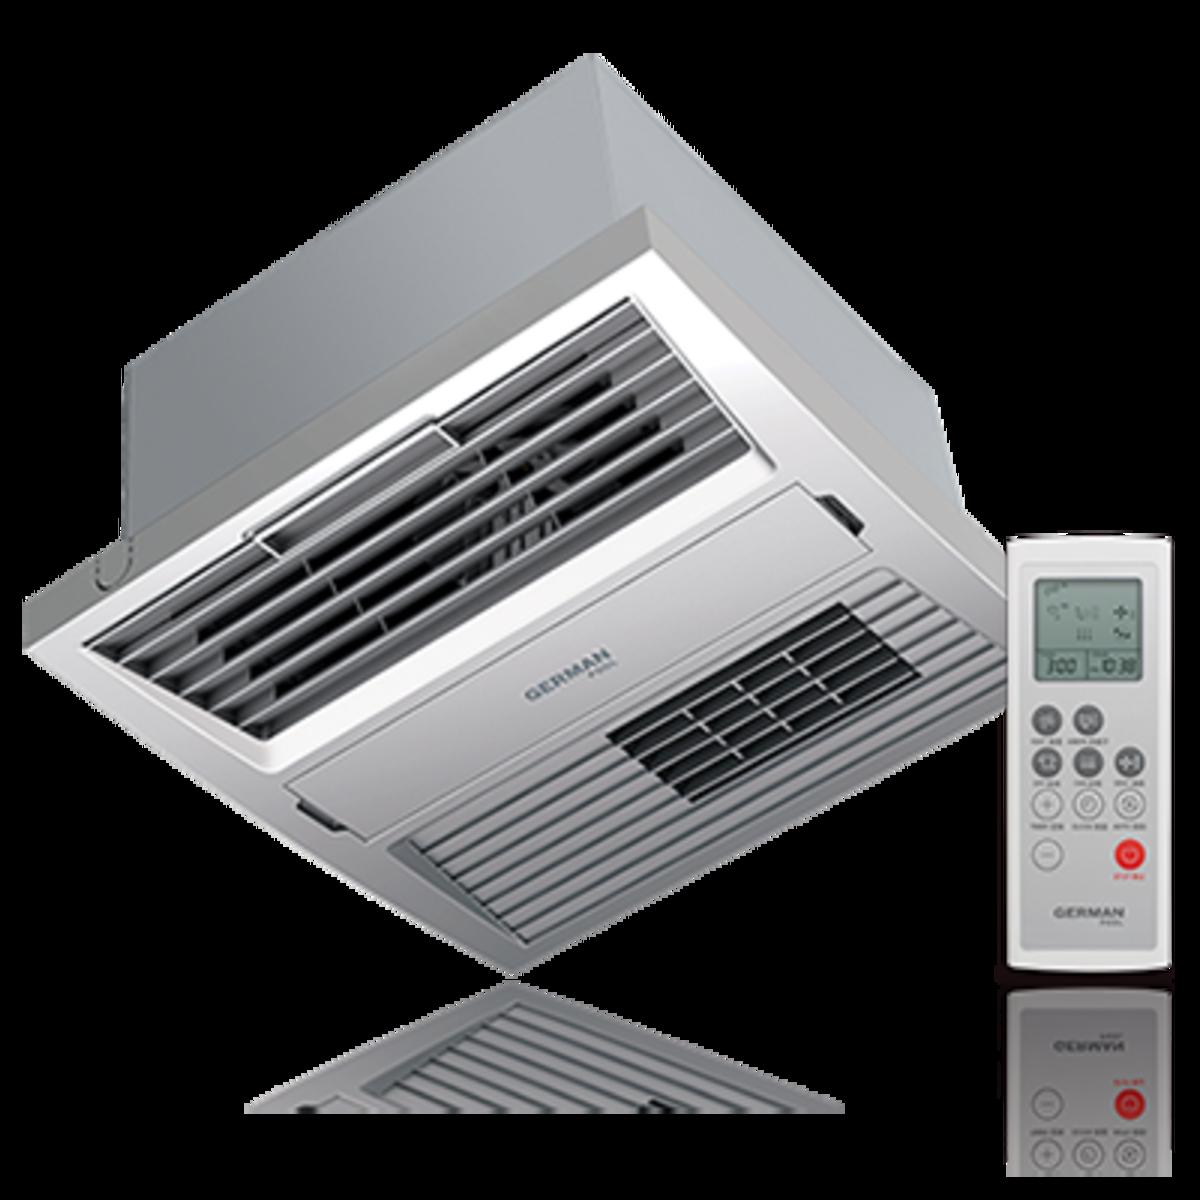 多功能浴室乾衣暖風機 HTB-916S